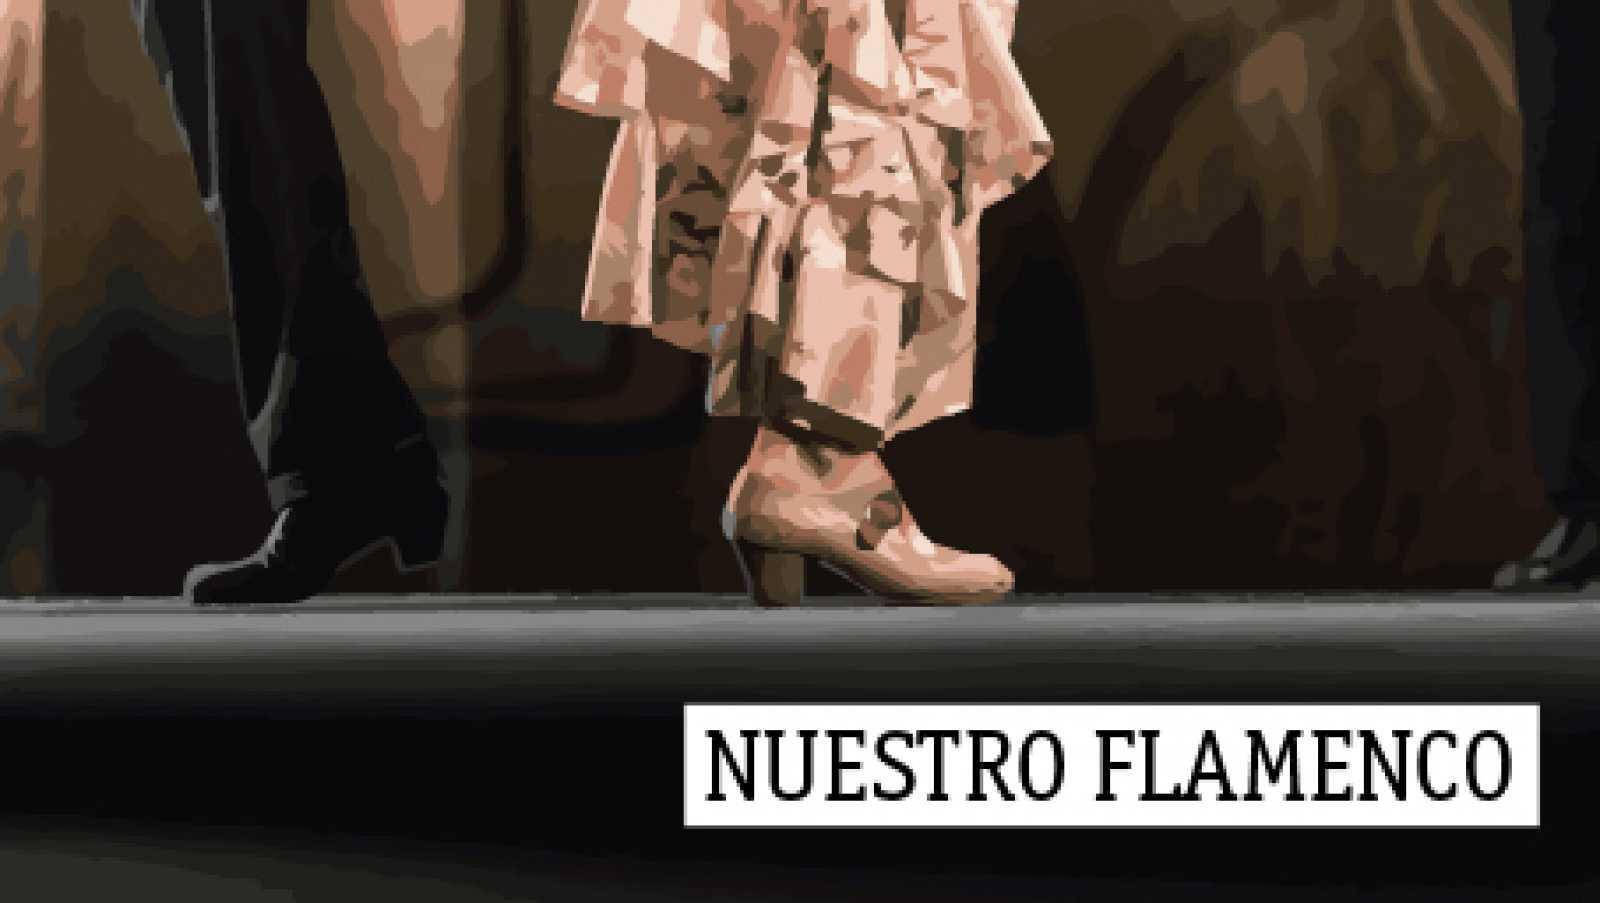 """Nuestro flamenco - Las """"Gruserías"""" de Chico Pérez - 13/06/19 - escuchar ahora"""